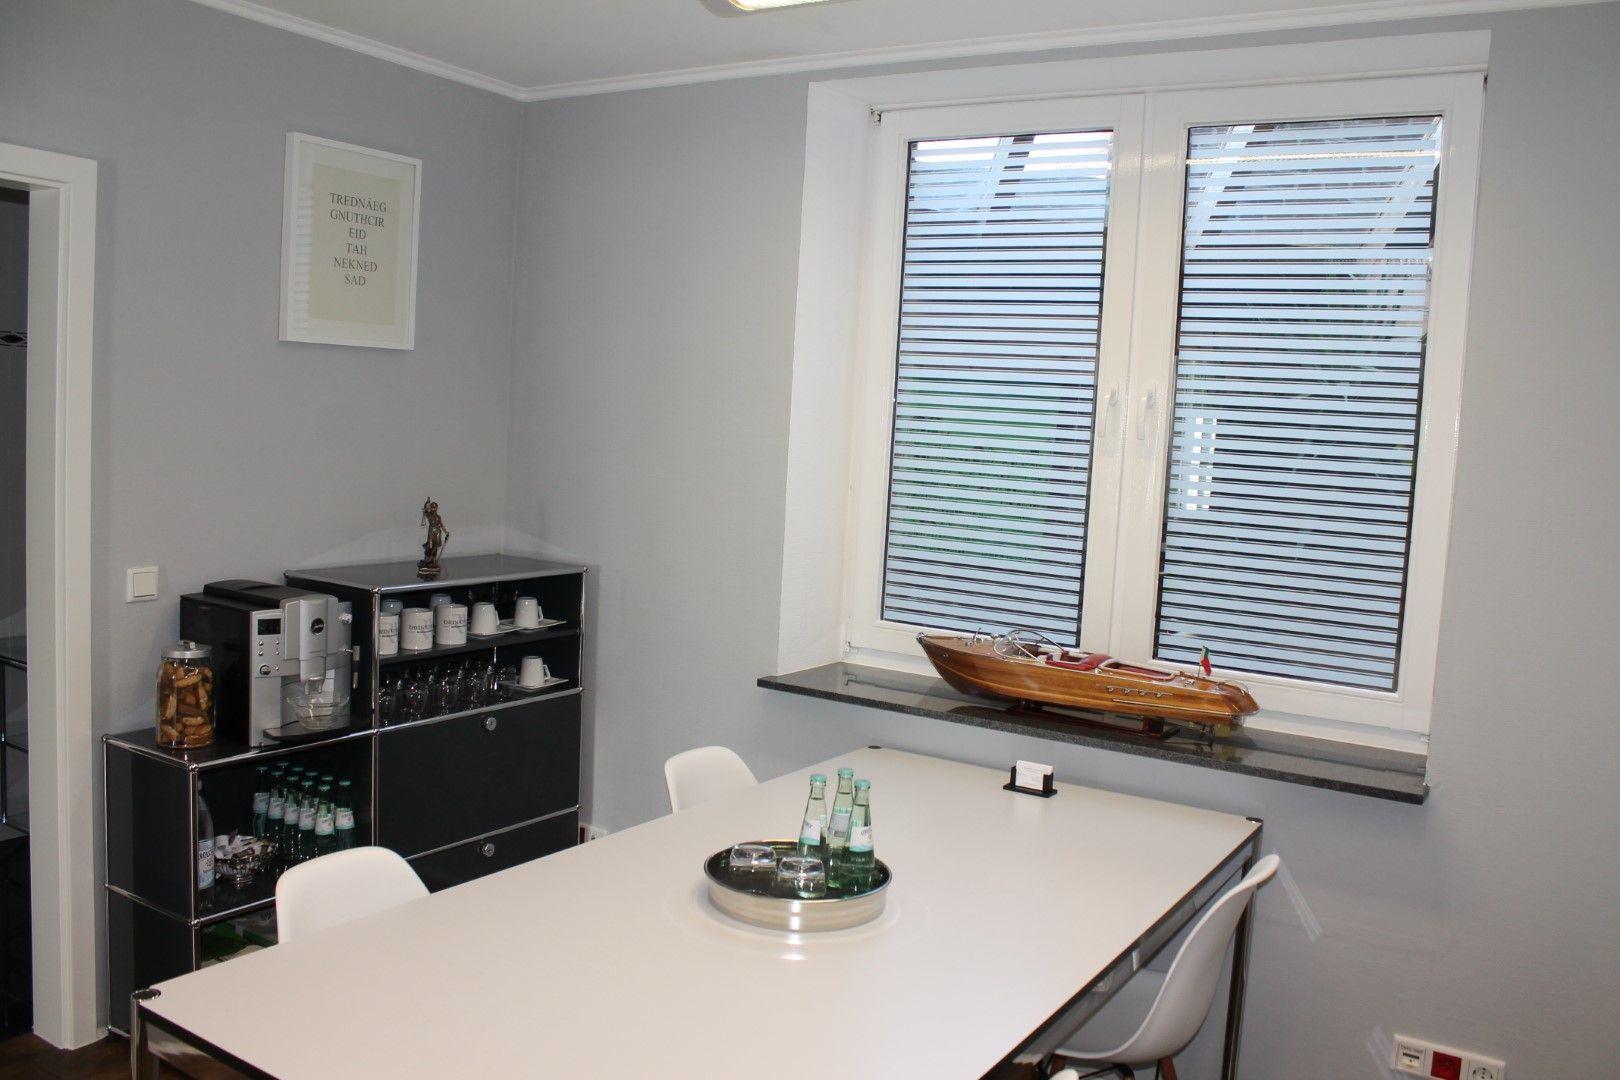 Immobilie Nr.0289 - Bürofläche im Erdgeschoss mit zwei Räumen  - Bild 6.jpg